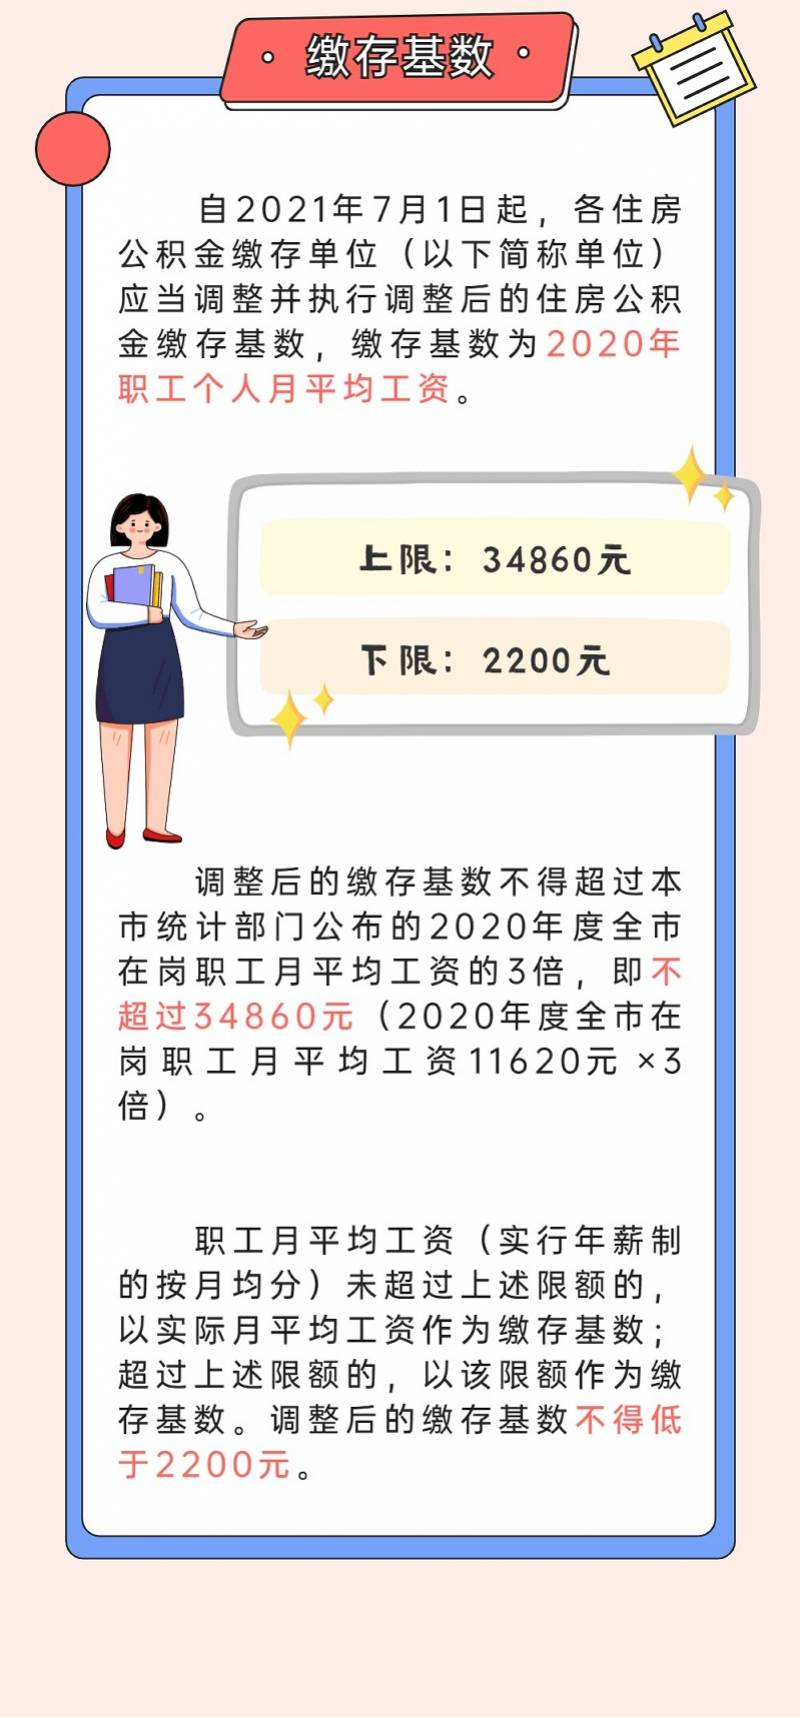 深圳公积金缴存基数下月将调整